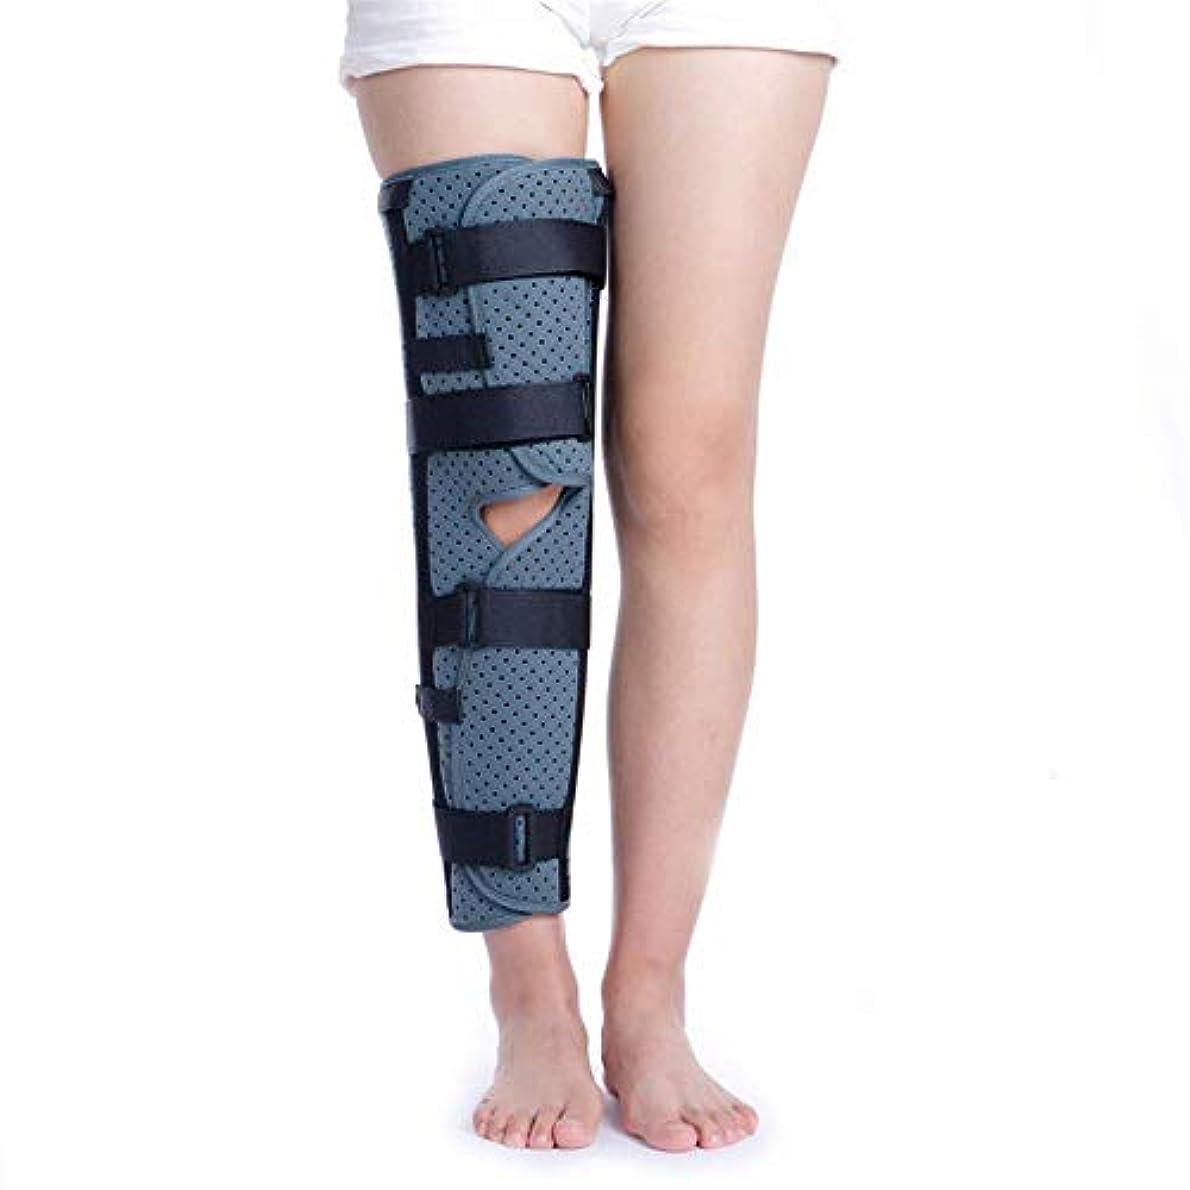 保証金セージヒープ圧迫膝のサポート、関節炎のための膝装具サポート、ACL、関節の痛みの軽減、半月板の涙、より速い傷害回復